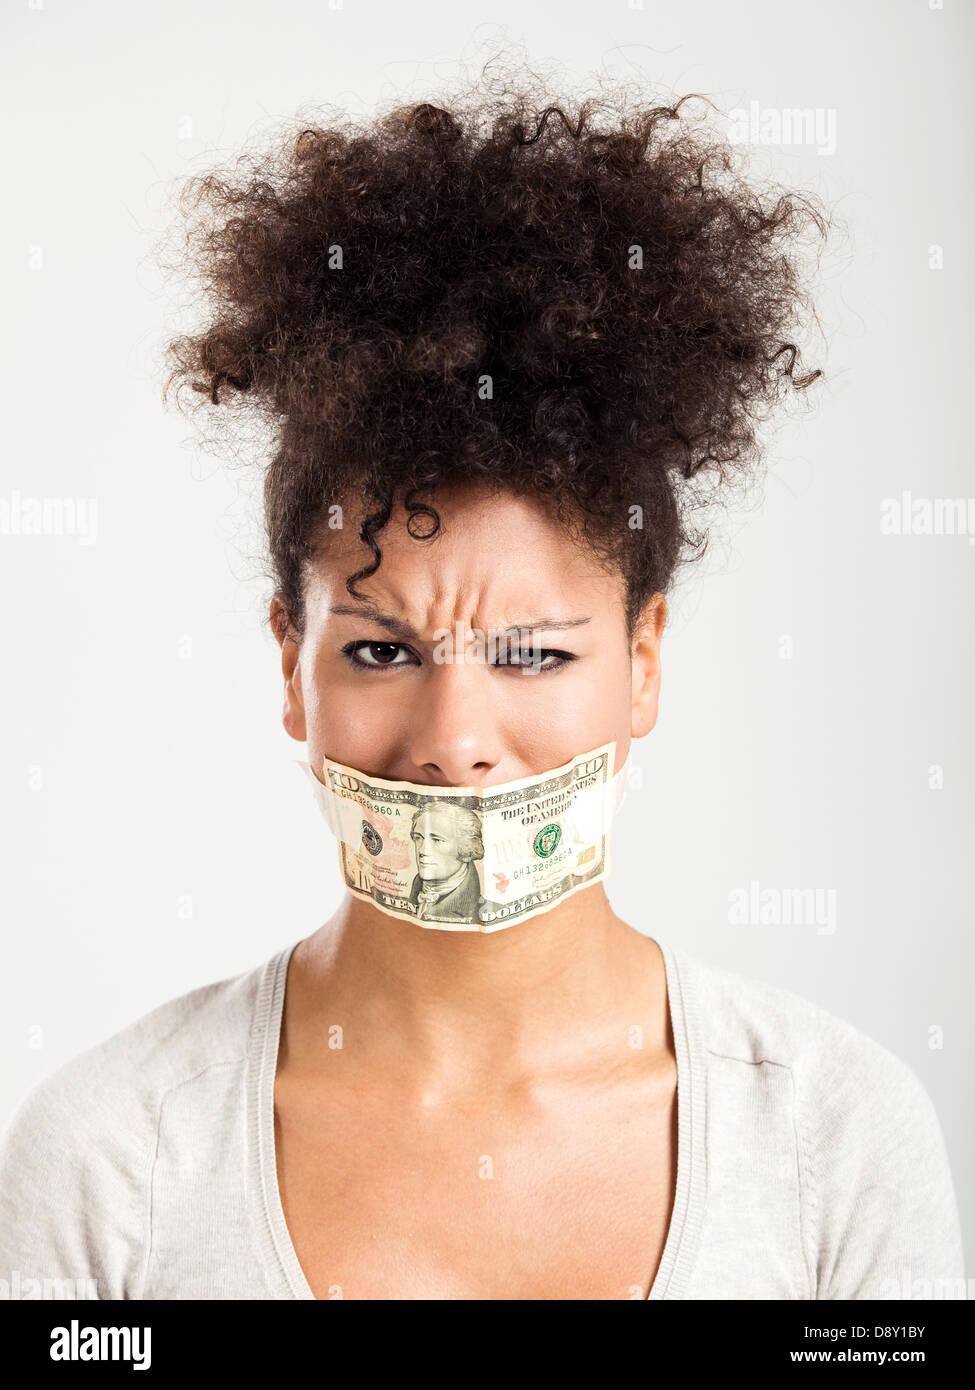 Afroamericana que cubre su boca con un billete de dólar, un gran concepto para las crisis globales Imagen De Stock